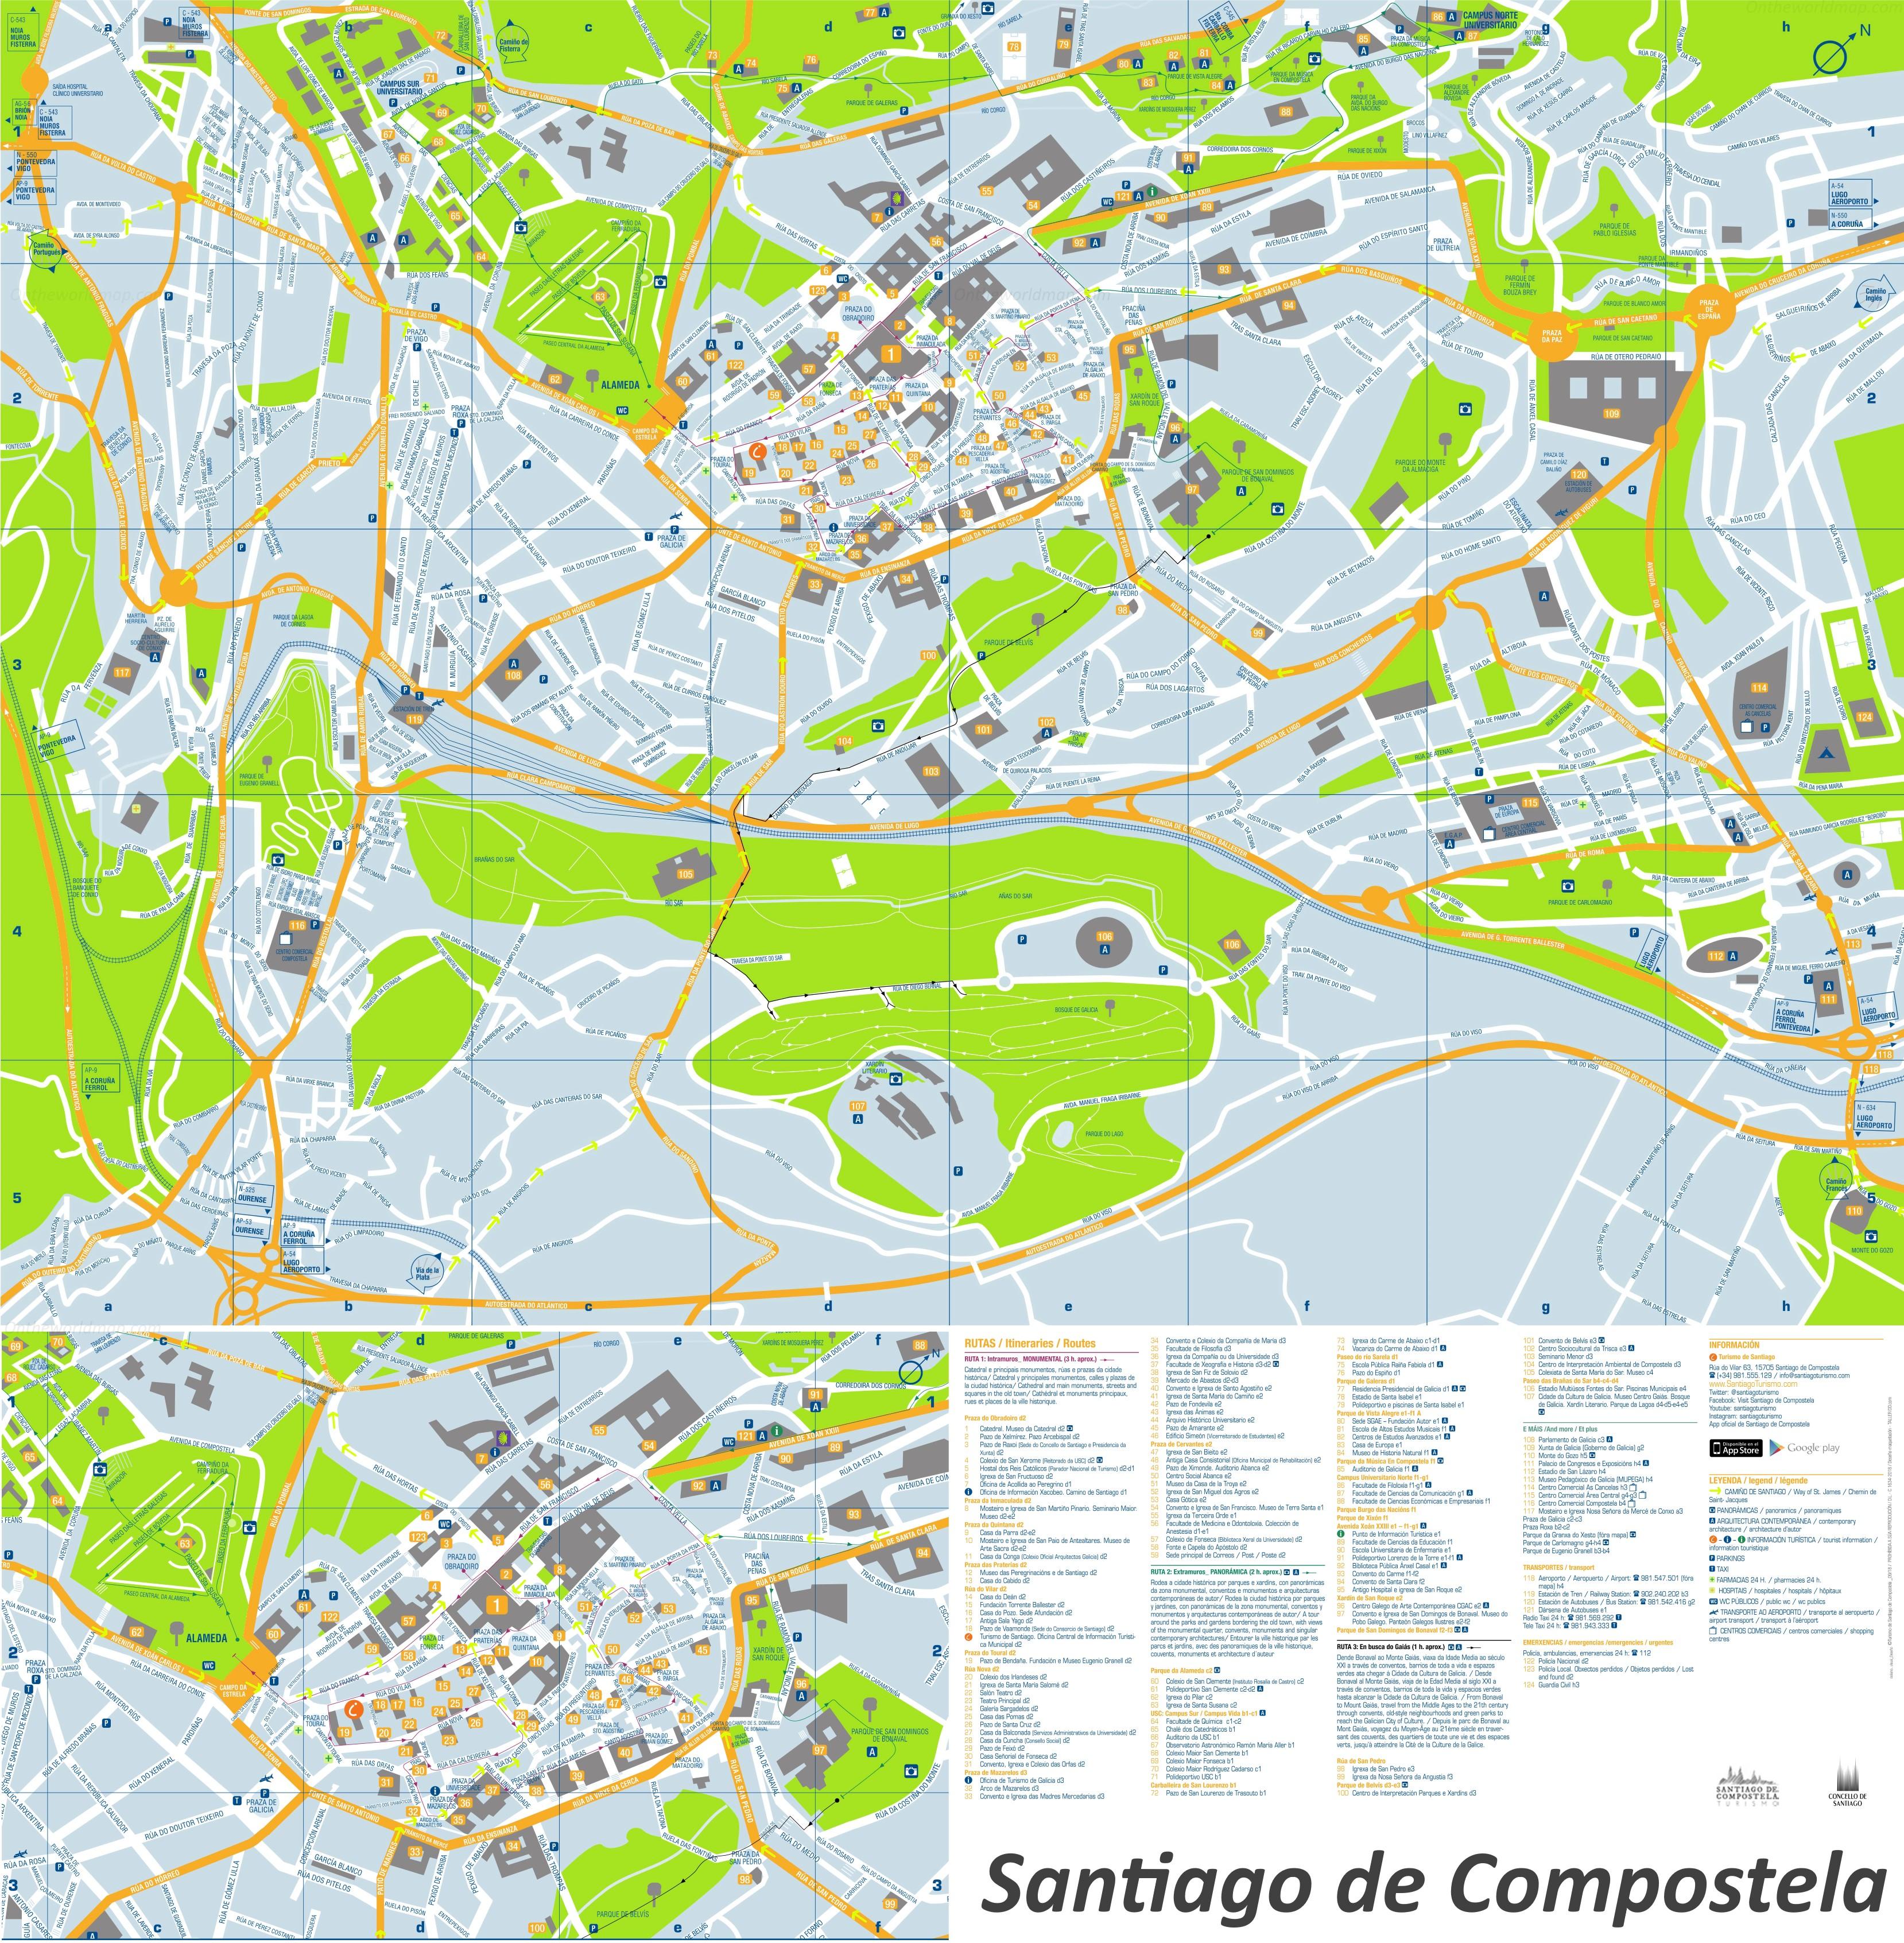 Santiago de Compostela tourist attractions map